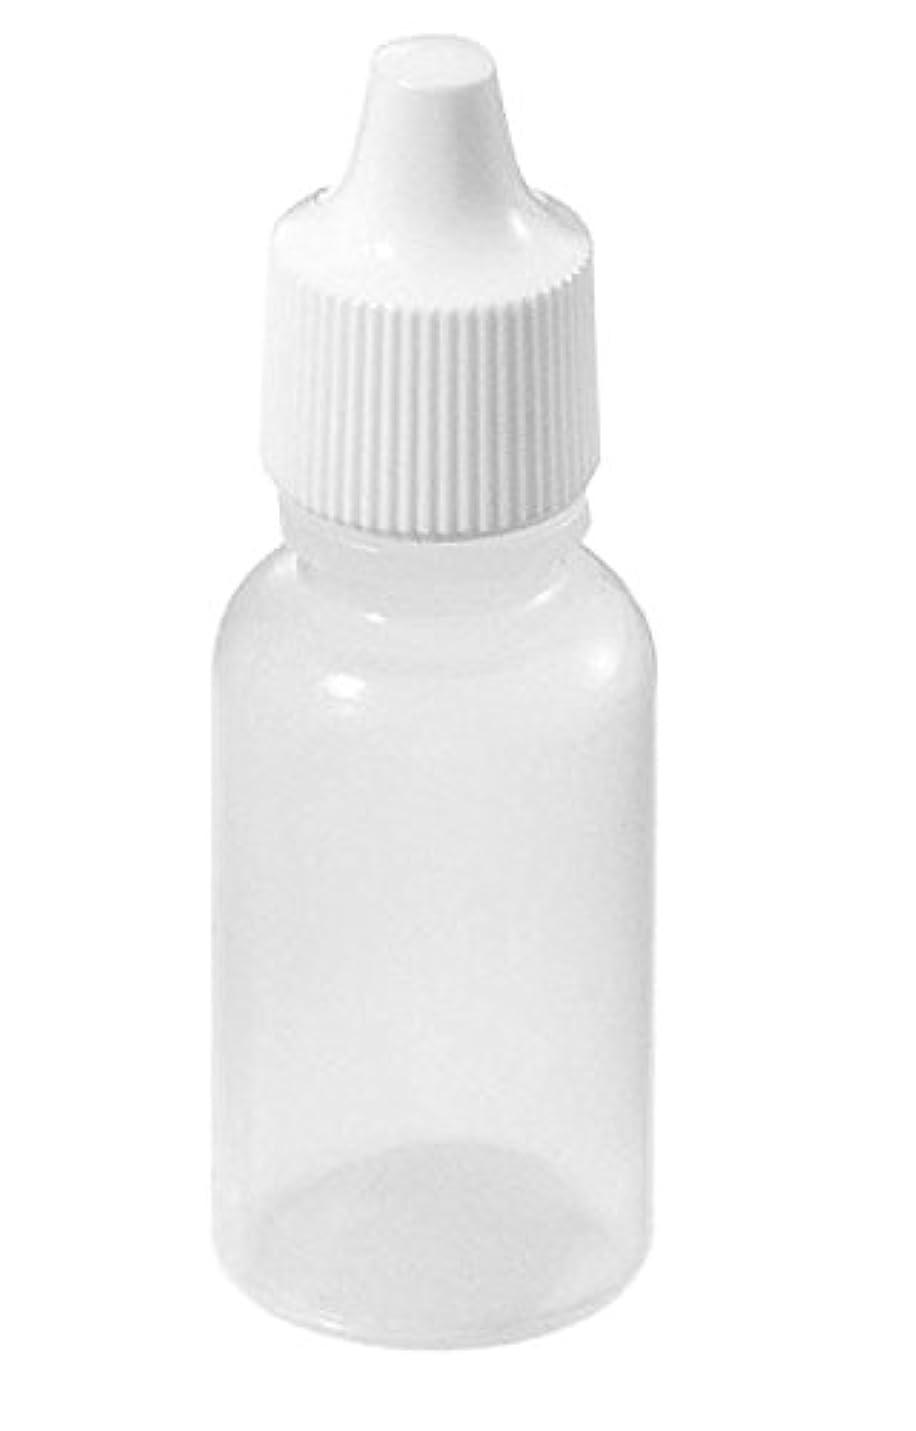 非互換対応色合いBeautyCN 20個5ml/15ml/50ml 空の半透明の目薬ボトルローション溶剤軽油絵画アート電子タバコ容器詰め替え式ボトル (15ml)